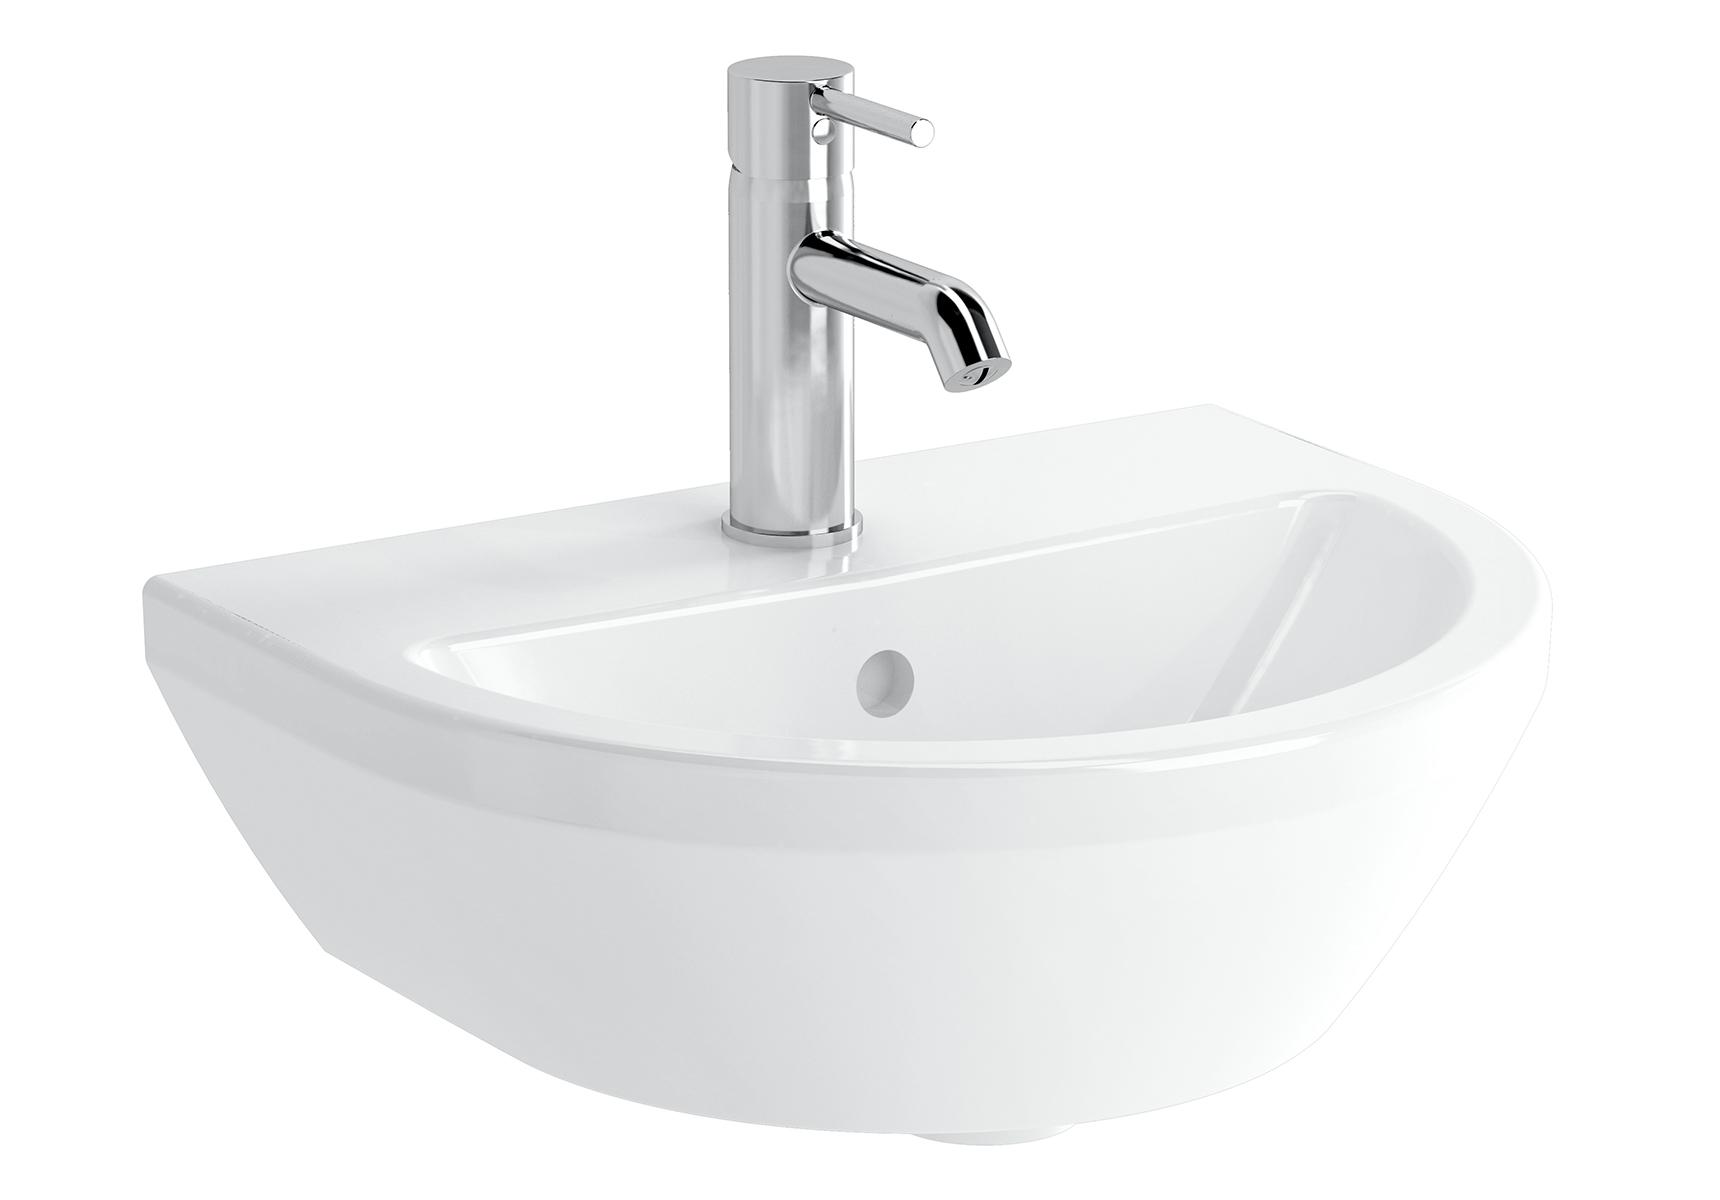 Integra lavabo rond, 45 cm, avec trou de robinet, sans trop-plein